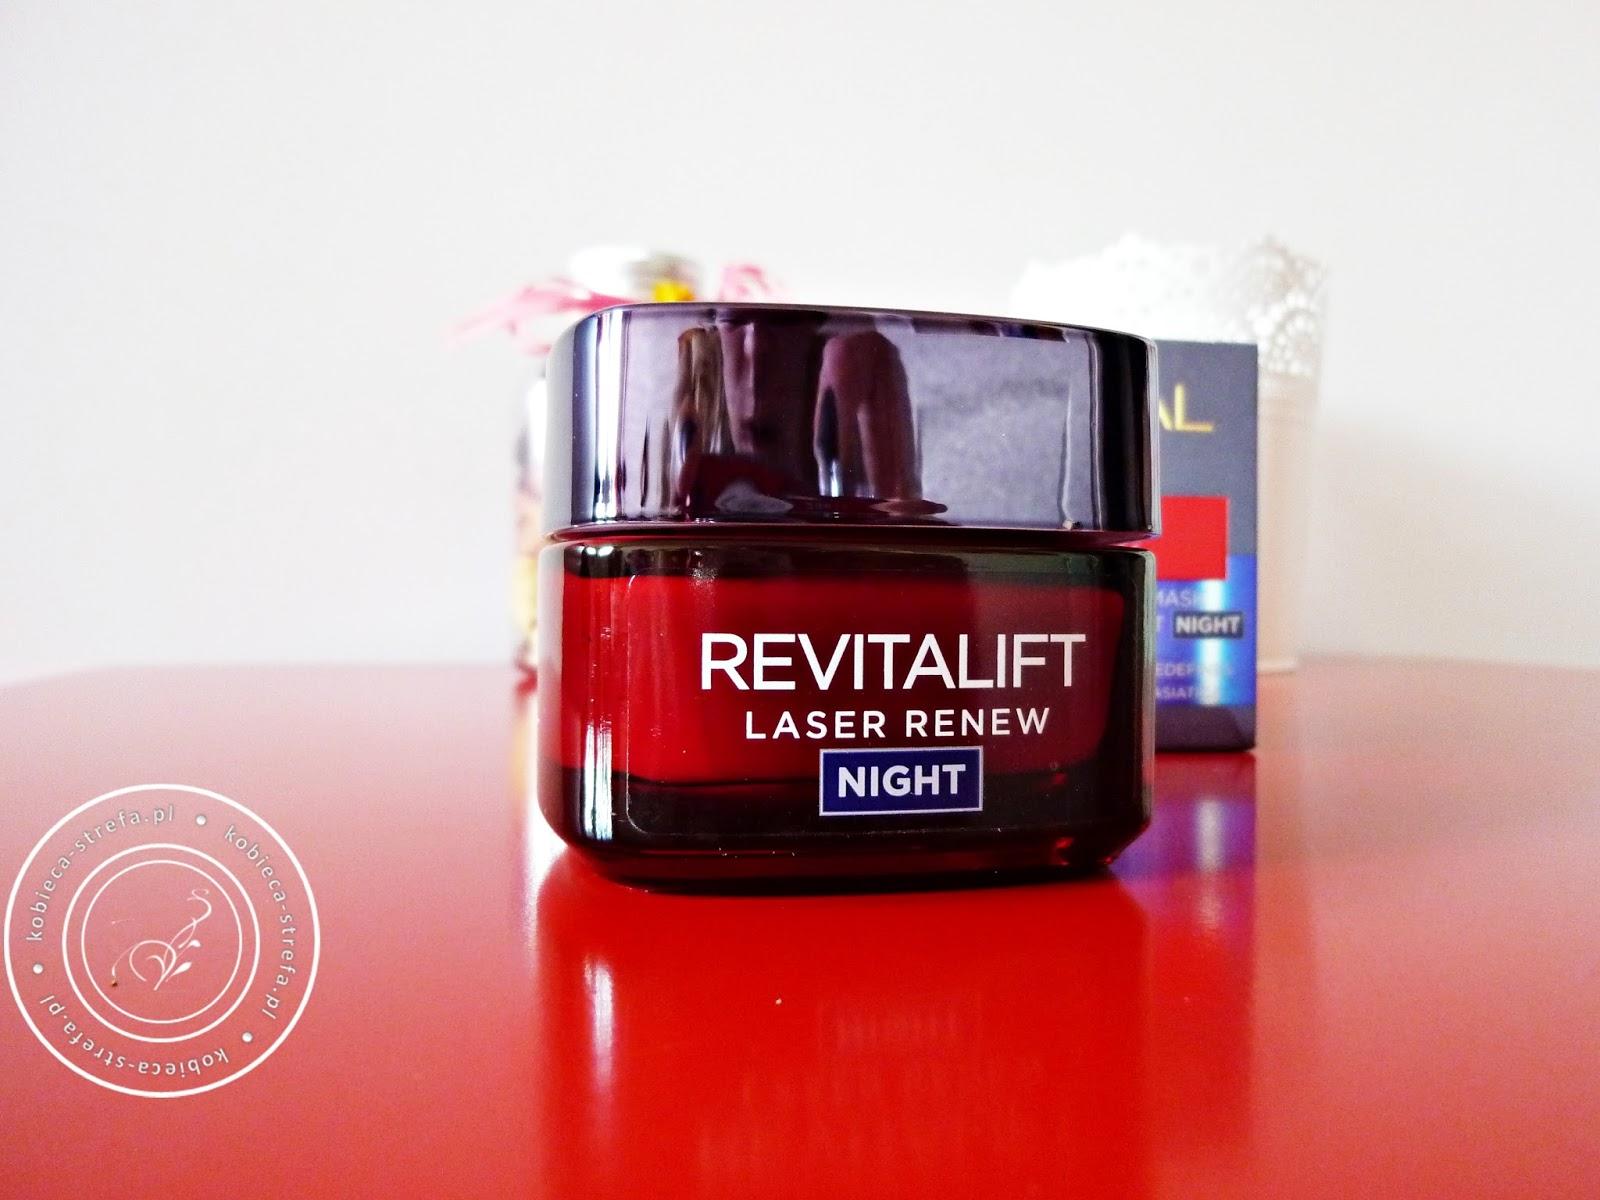 Revitalift Laser Renew NIGHT – krem przeciwzmarszczkowy na noc 40-60 – L'Oreal Paris